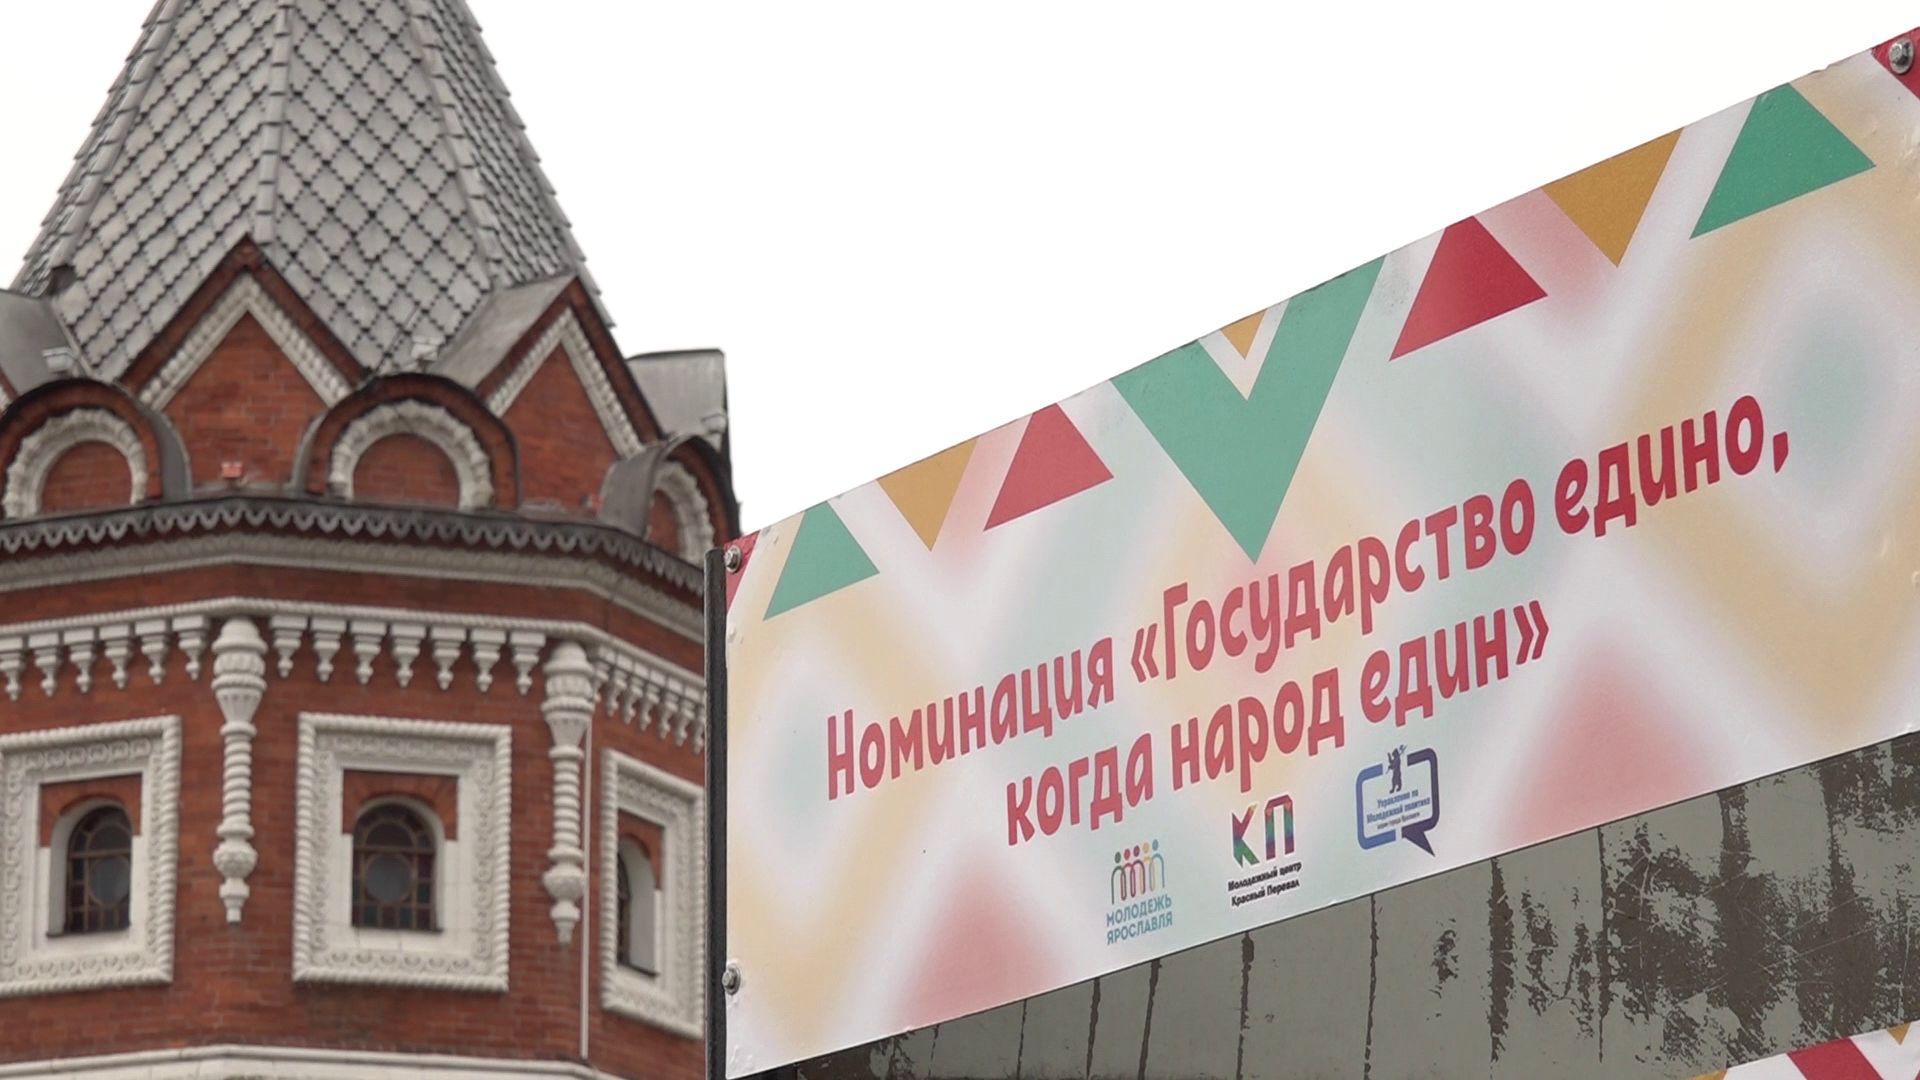 В центре Ярославля открылась выставка «В единстве наша сила»